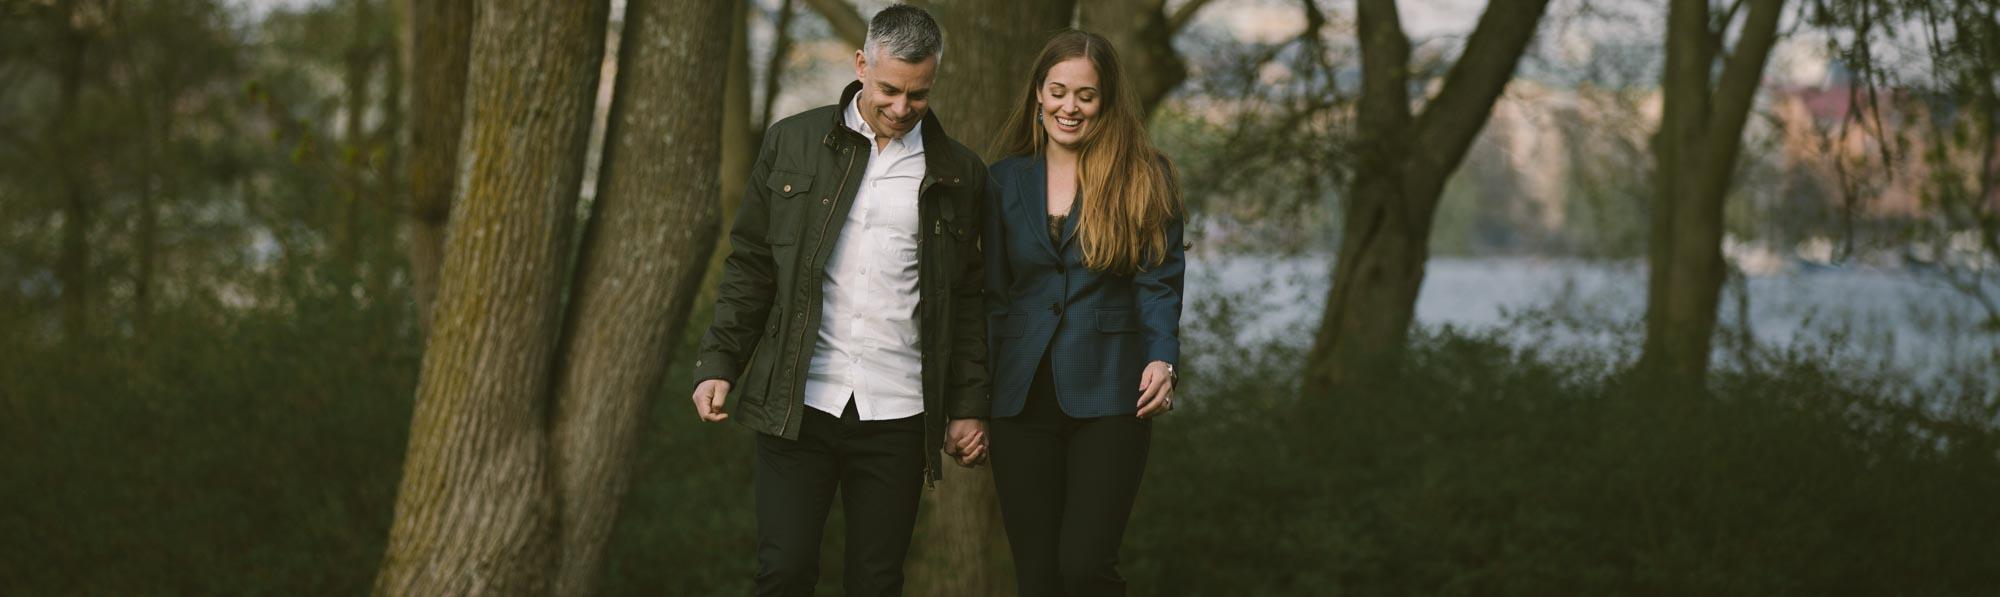 Isabelle och Joakim – Preshoot